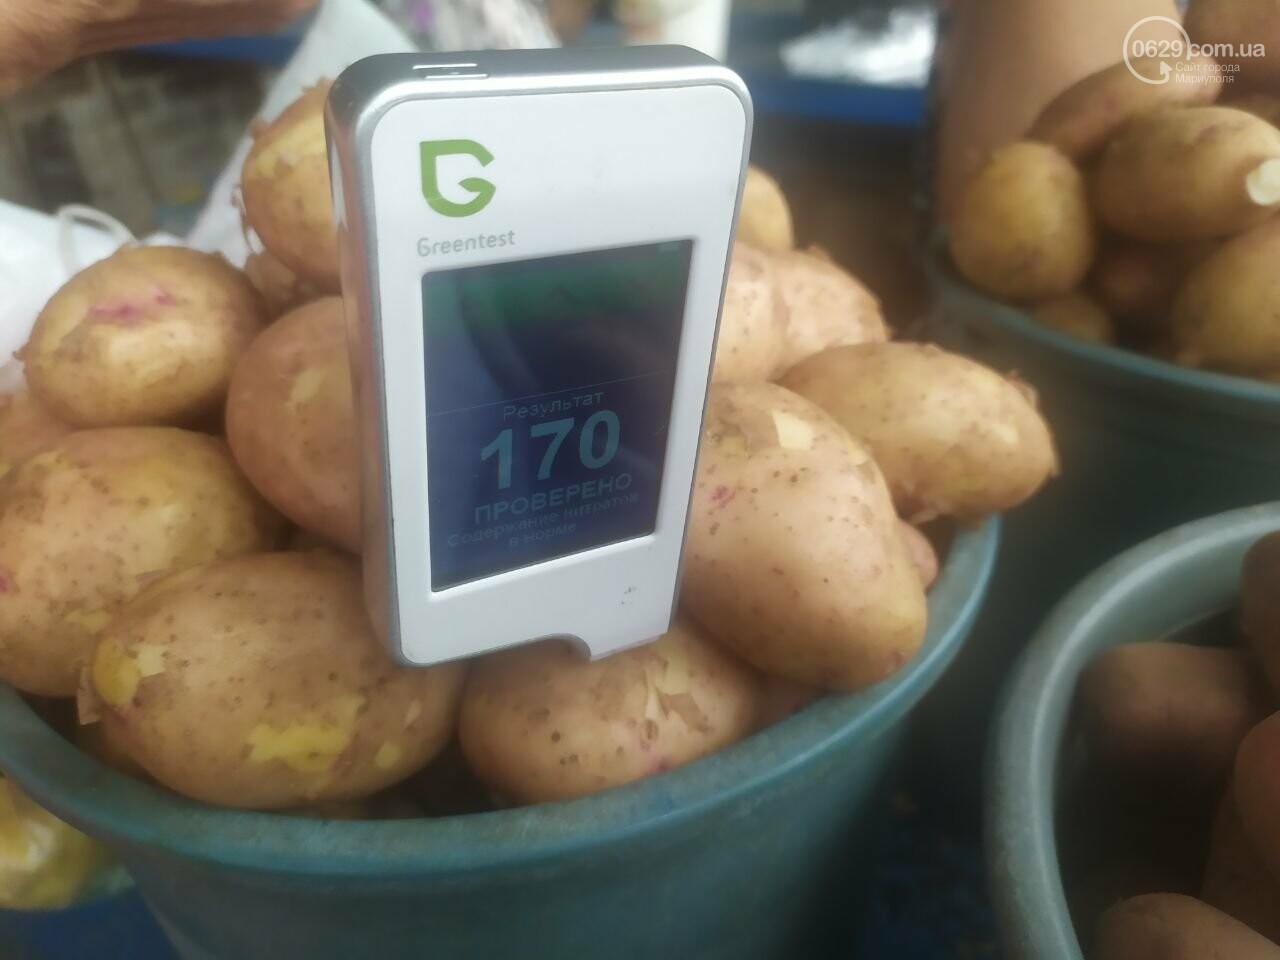 Опасна ли картошка, которую продают в Мариуполе, фото-3